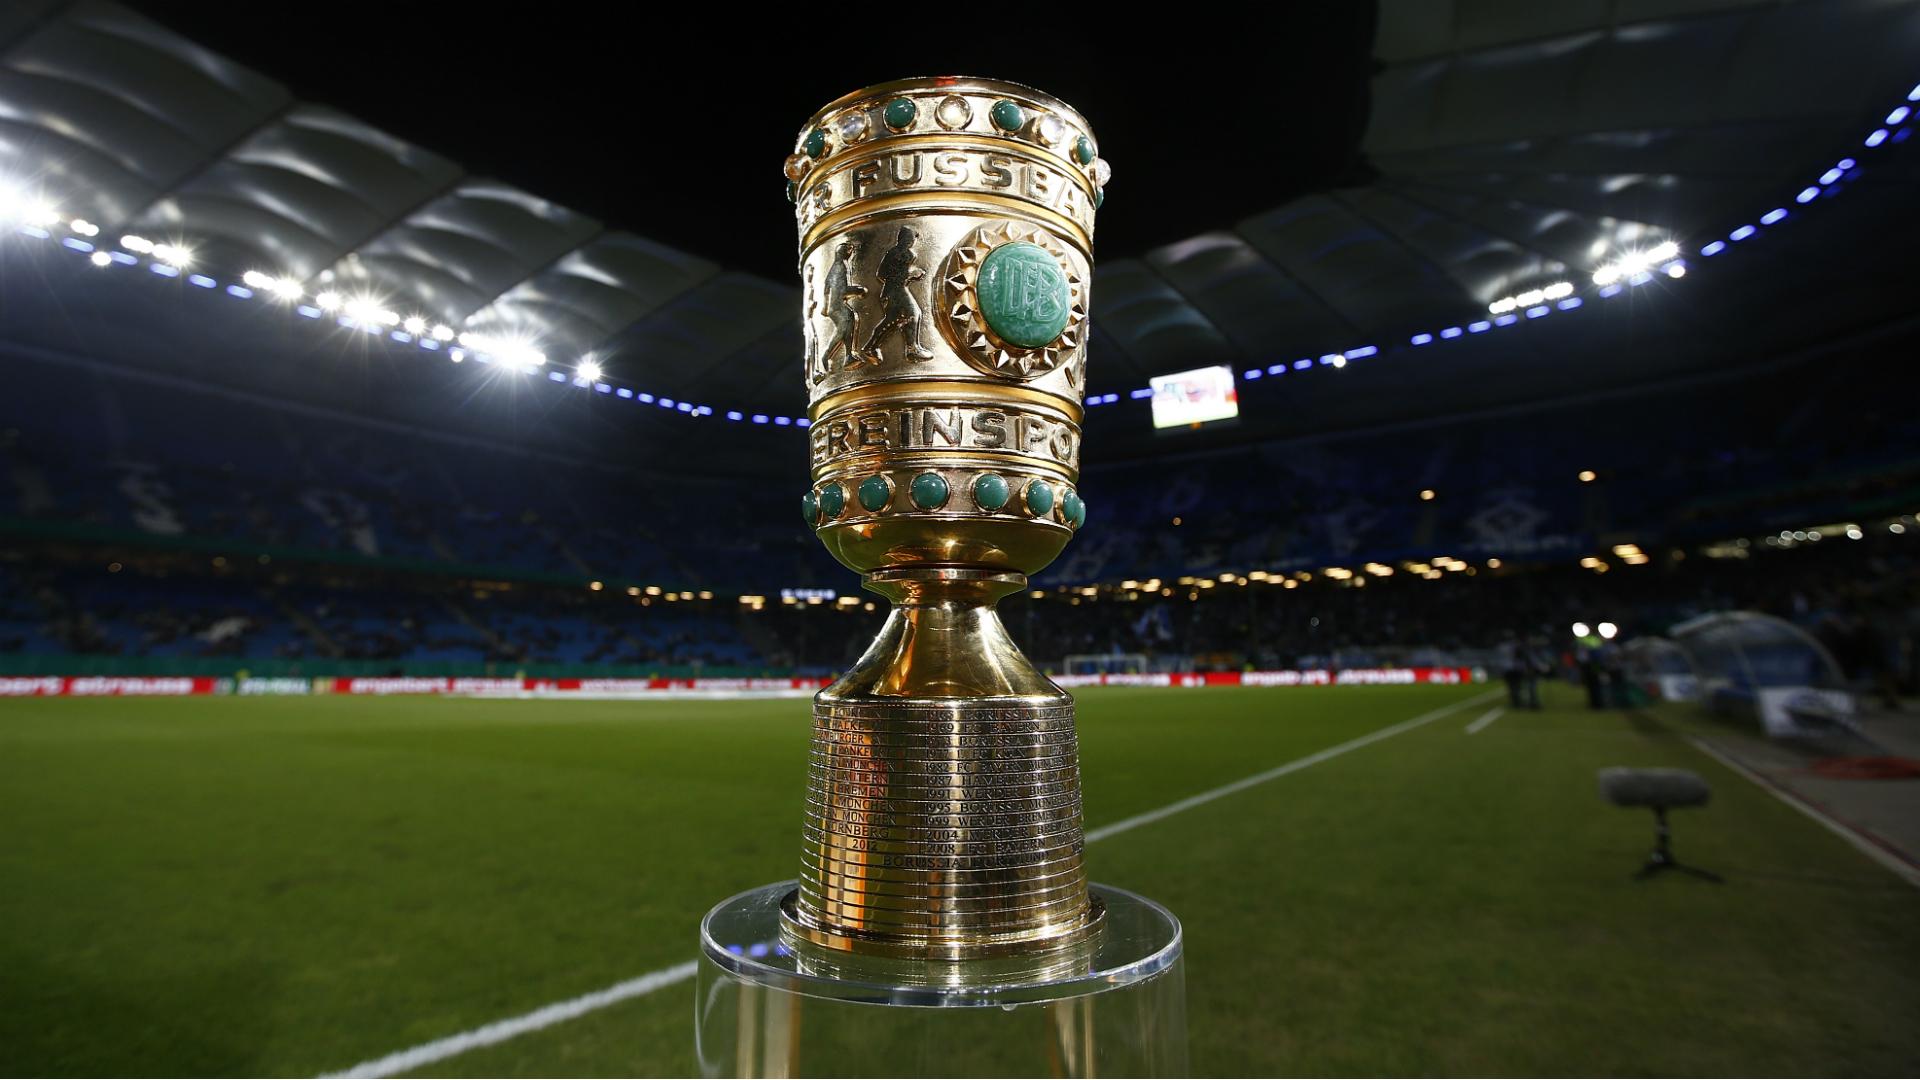 Bayern Munich drawn against Heidenheim in DFB-Pokal